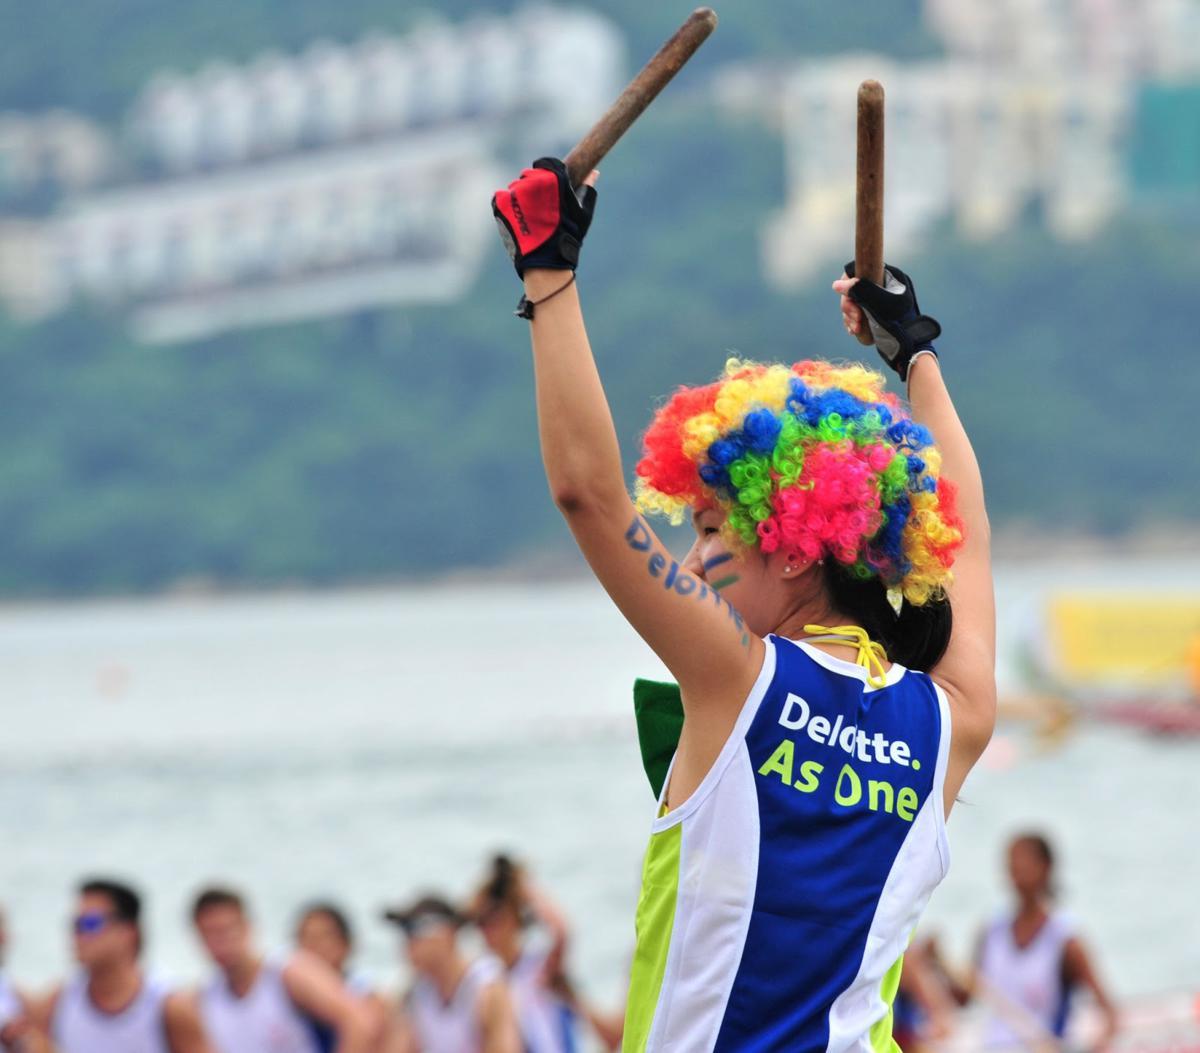 Hong Kong Dragon Boat at Tuen Ng Festival at Stanley